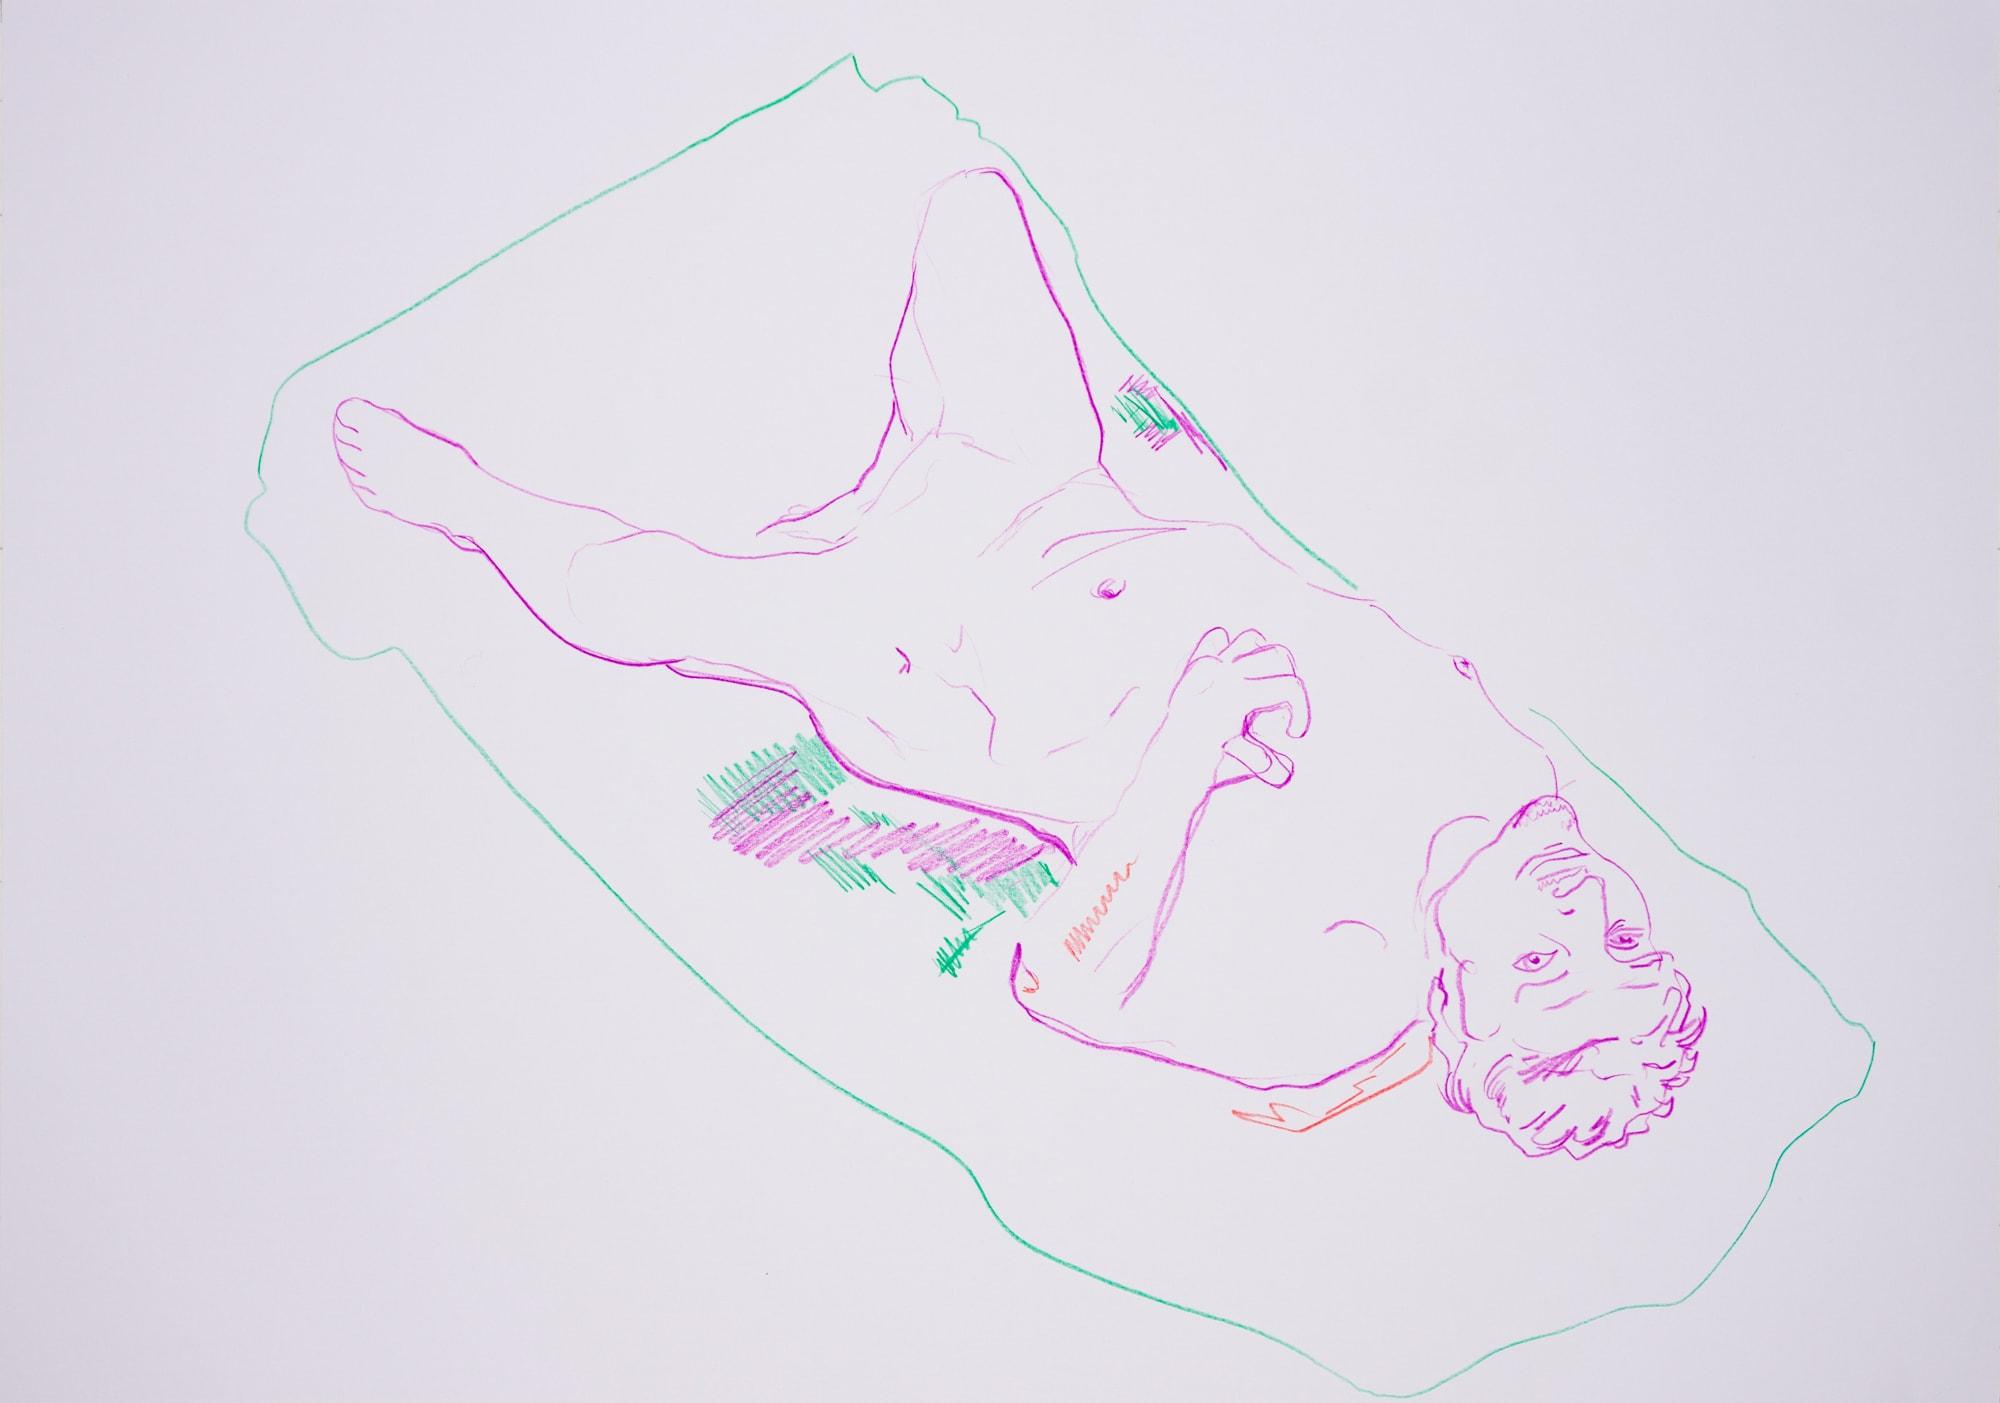 Zeichnung, Farbstift auf Papier, 59,4x42cm, Männerakt, Künstlerin: Franziska King